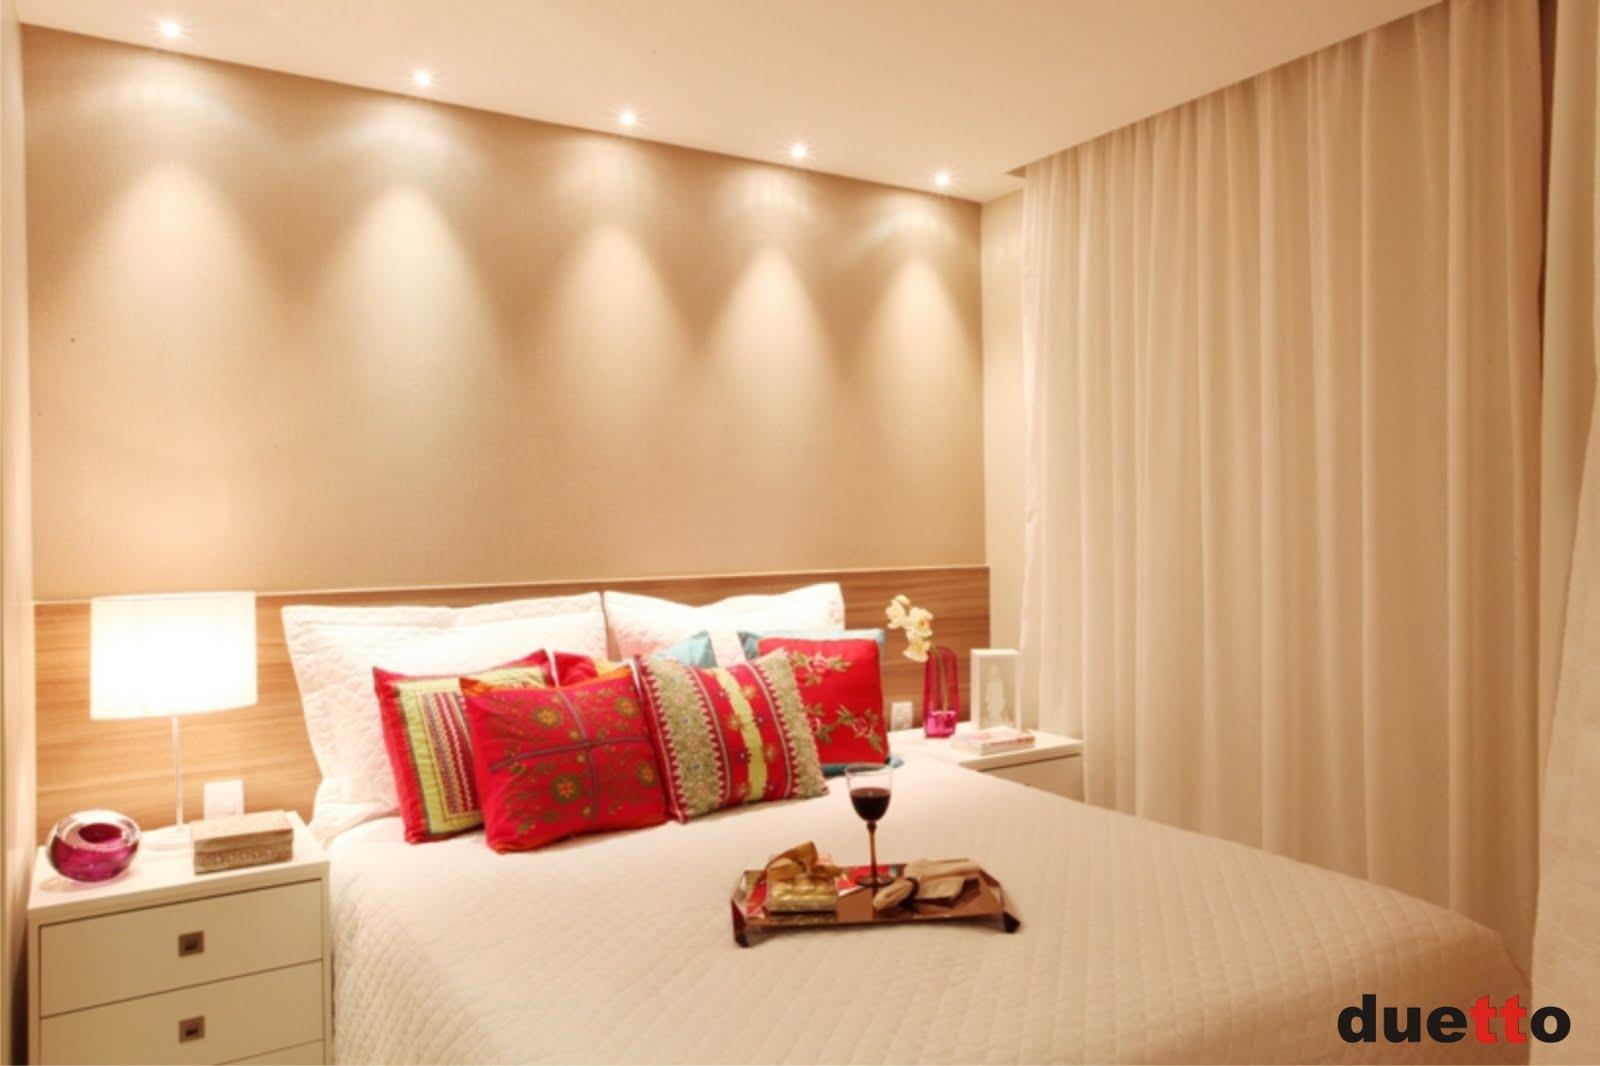 Arte e Design Projeto Duetto Arquitetura e Interiores ~ Textura Para Quarto De Casal Pequeno